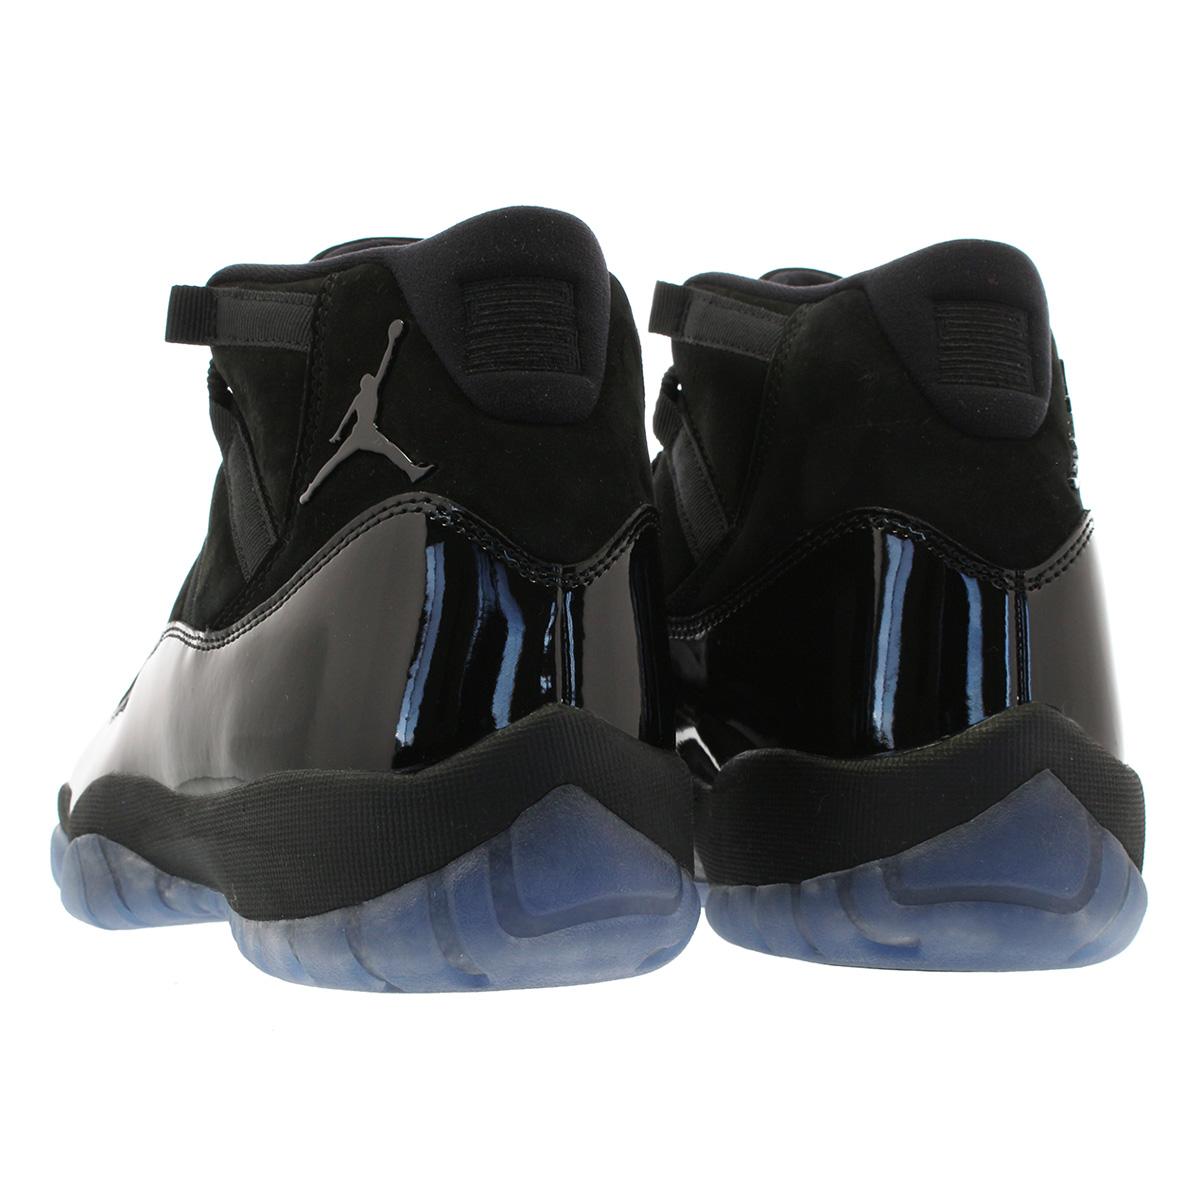 NIKE AIR JORDAN 11 RETRO Nike Air Jordan 11 nostalgic BLACK BLACK BLACK  378 b994e2d5f